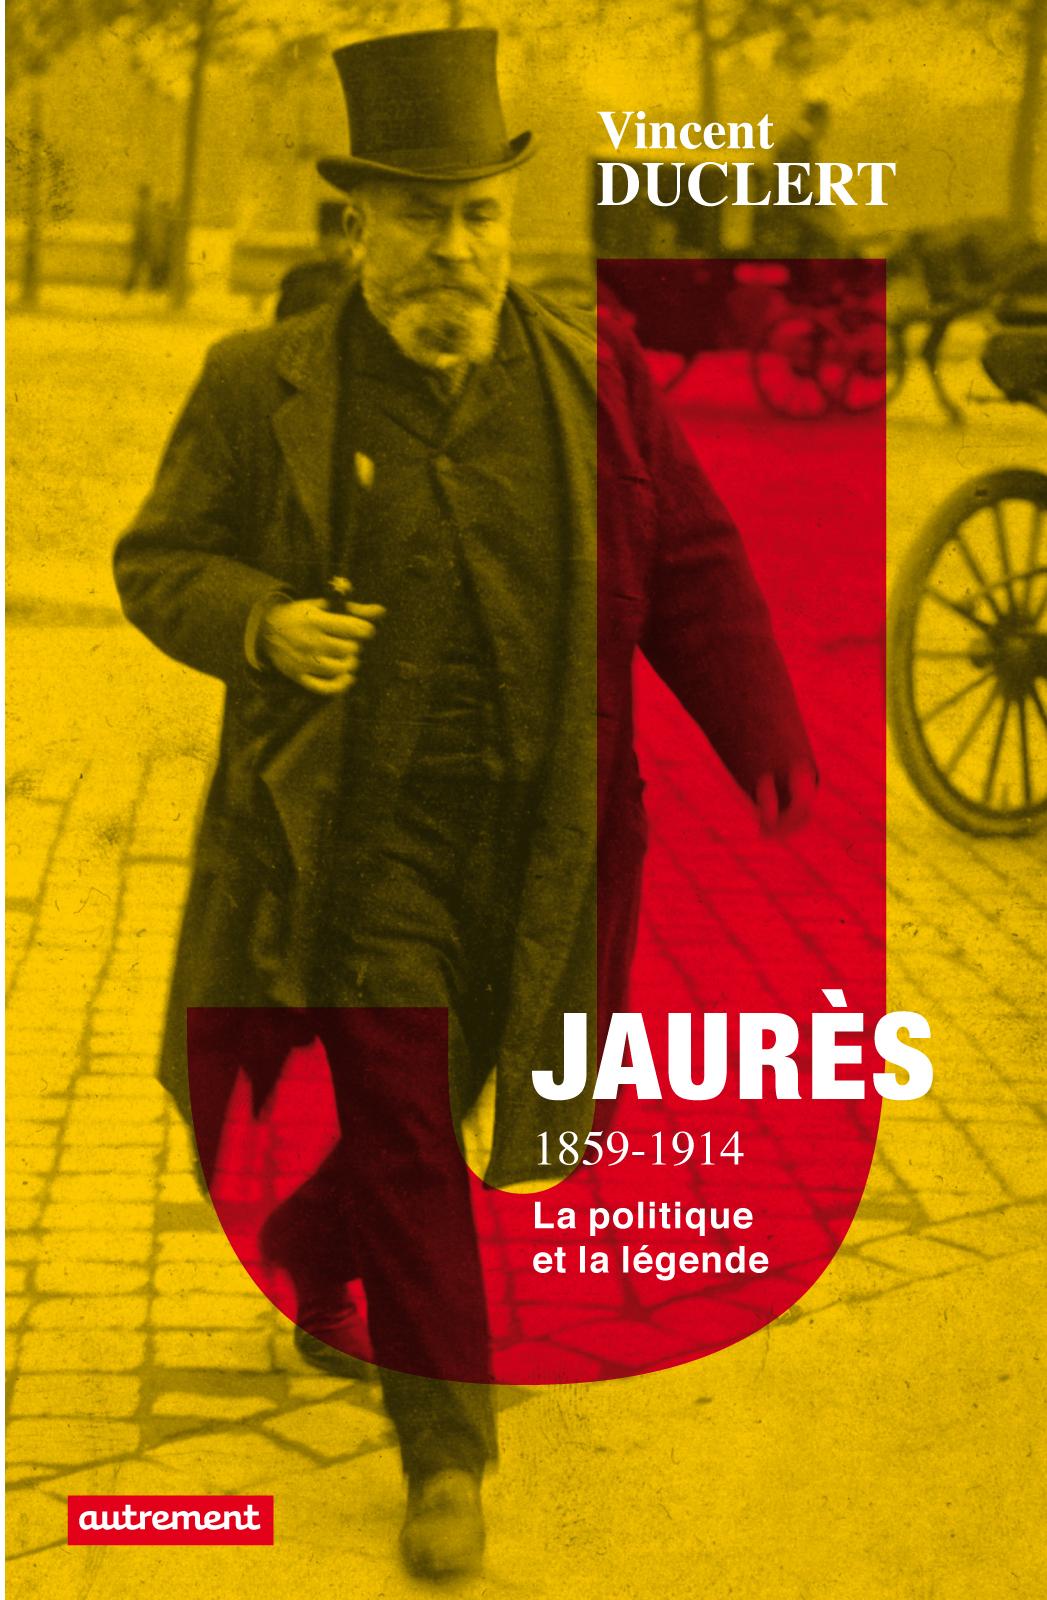 Jaurès 1859-1914, LA POLITIQUE ET LA LÉGENDE